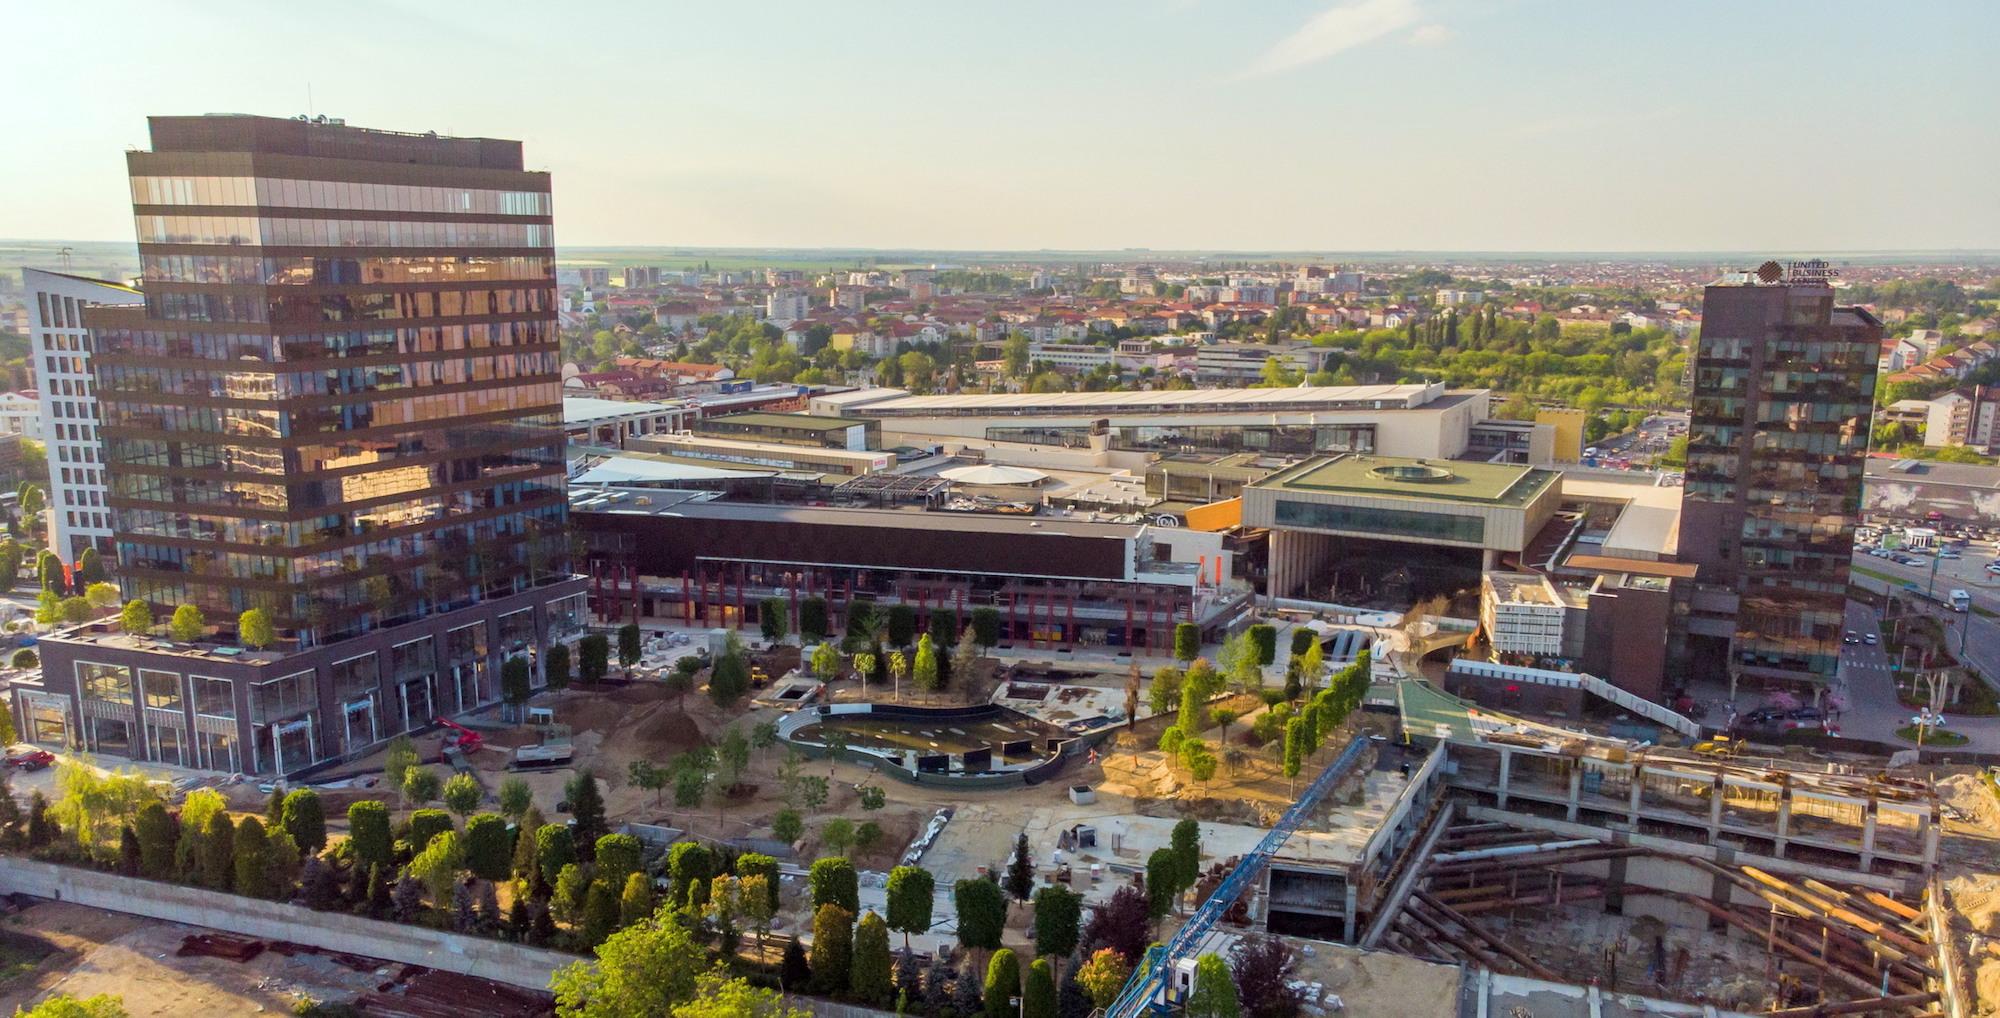 cea mai mare investi ie   ntr un proiect de profil din vestul   rii  de peste 220 milioane de euro  120 000 mp   n cea mai mare zon  de retail din vestul   rii   pol regional de business